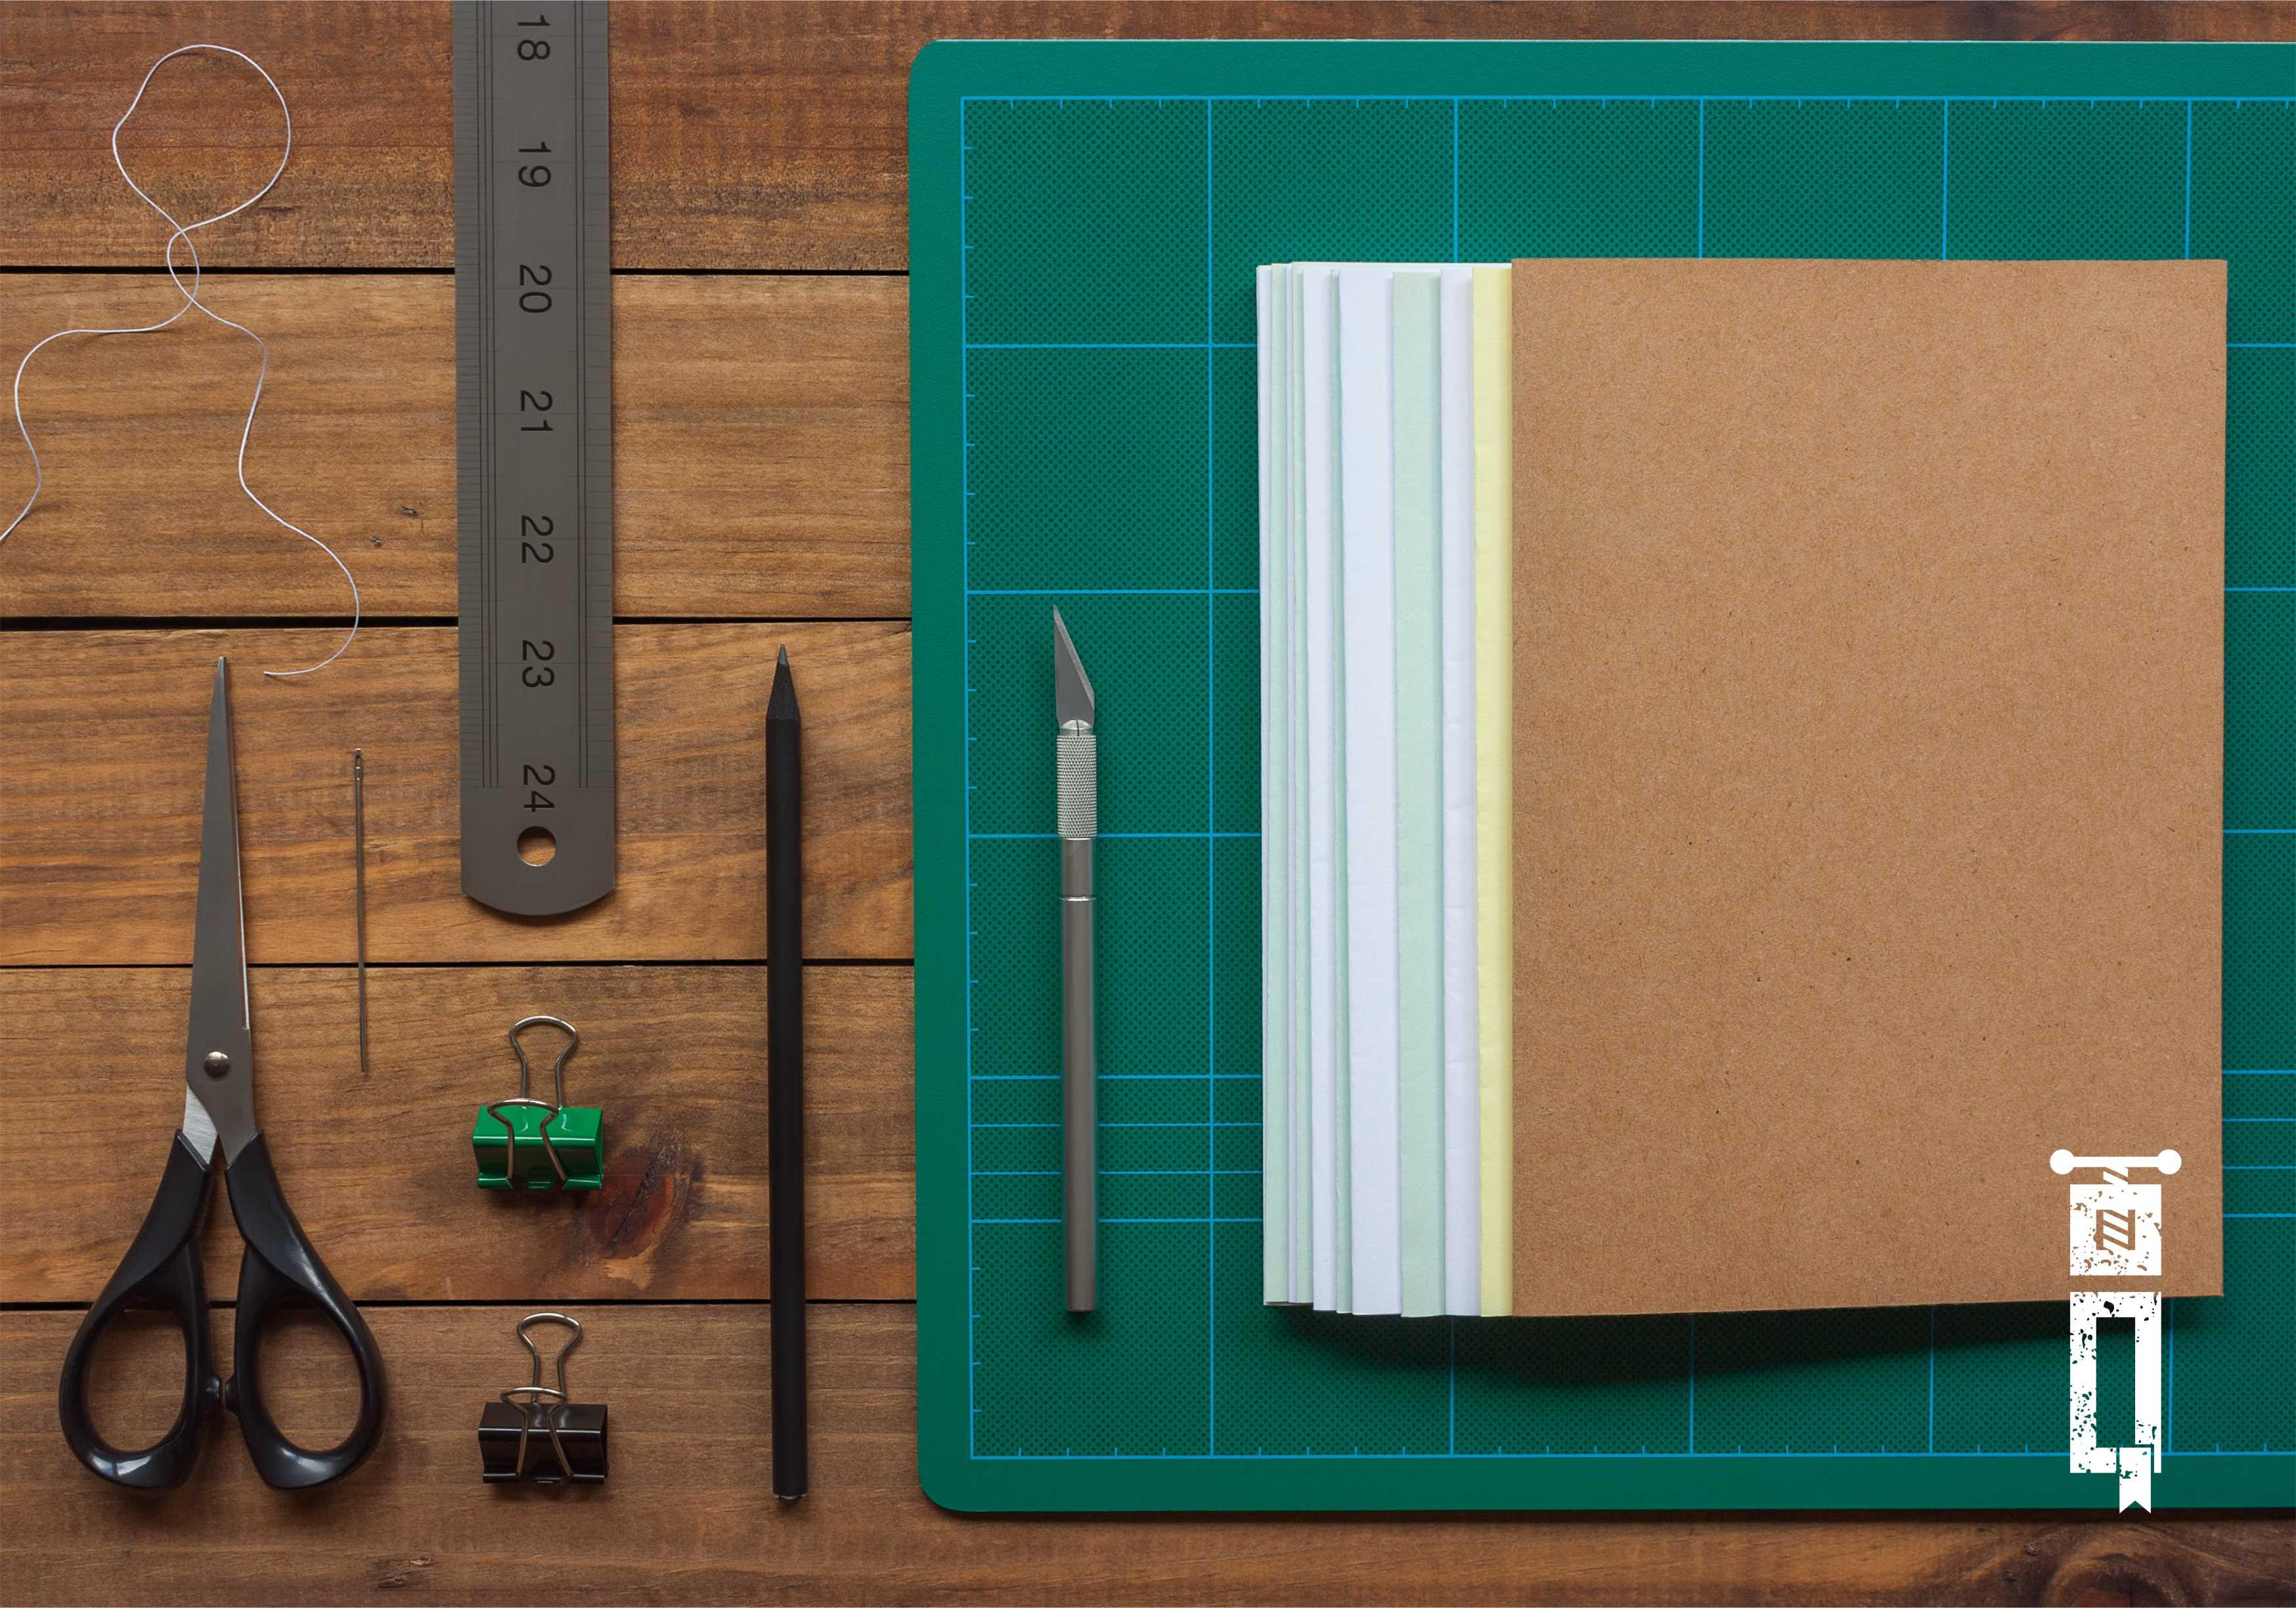 Vuoi creare un prodotto tutto tuo o una linea esclusiva? Affidaci la tua idea, la realizzeremo per te!